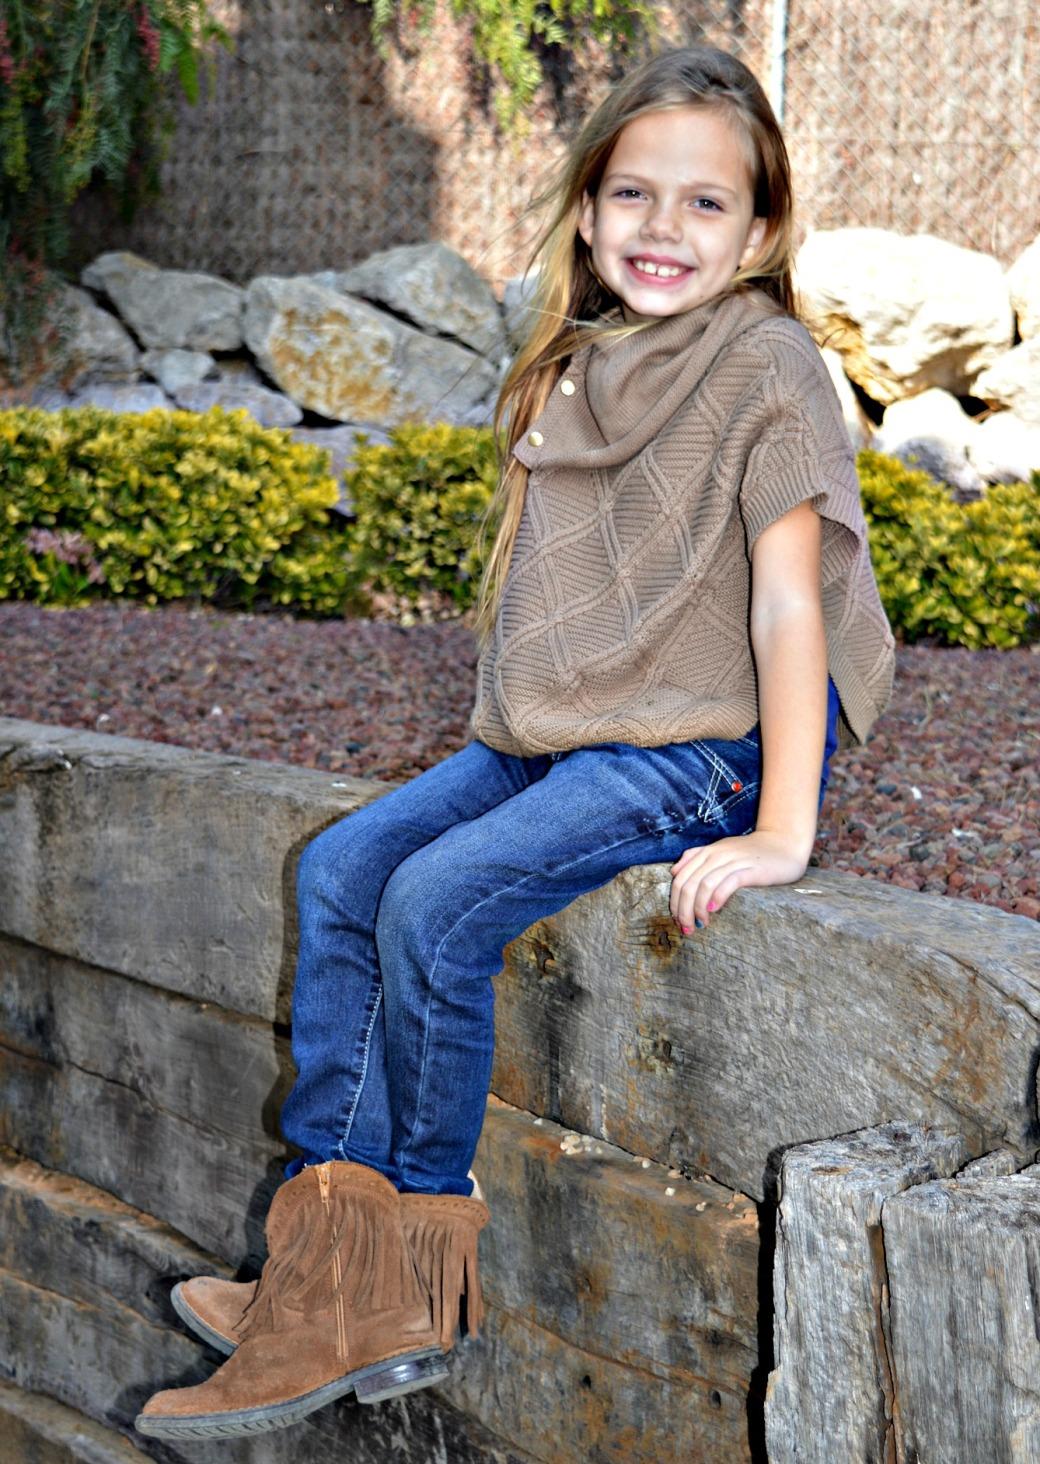 calzados-piulin-marianitas-tlp-blog-de-moda-infantil-4